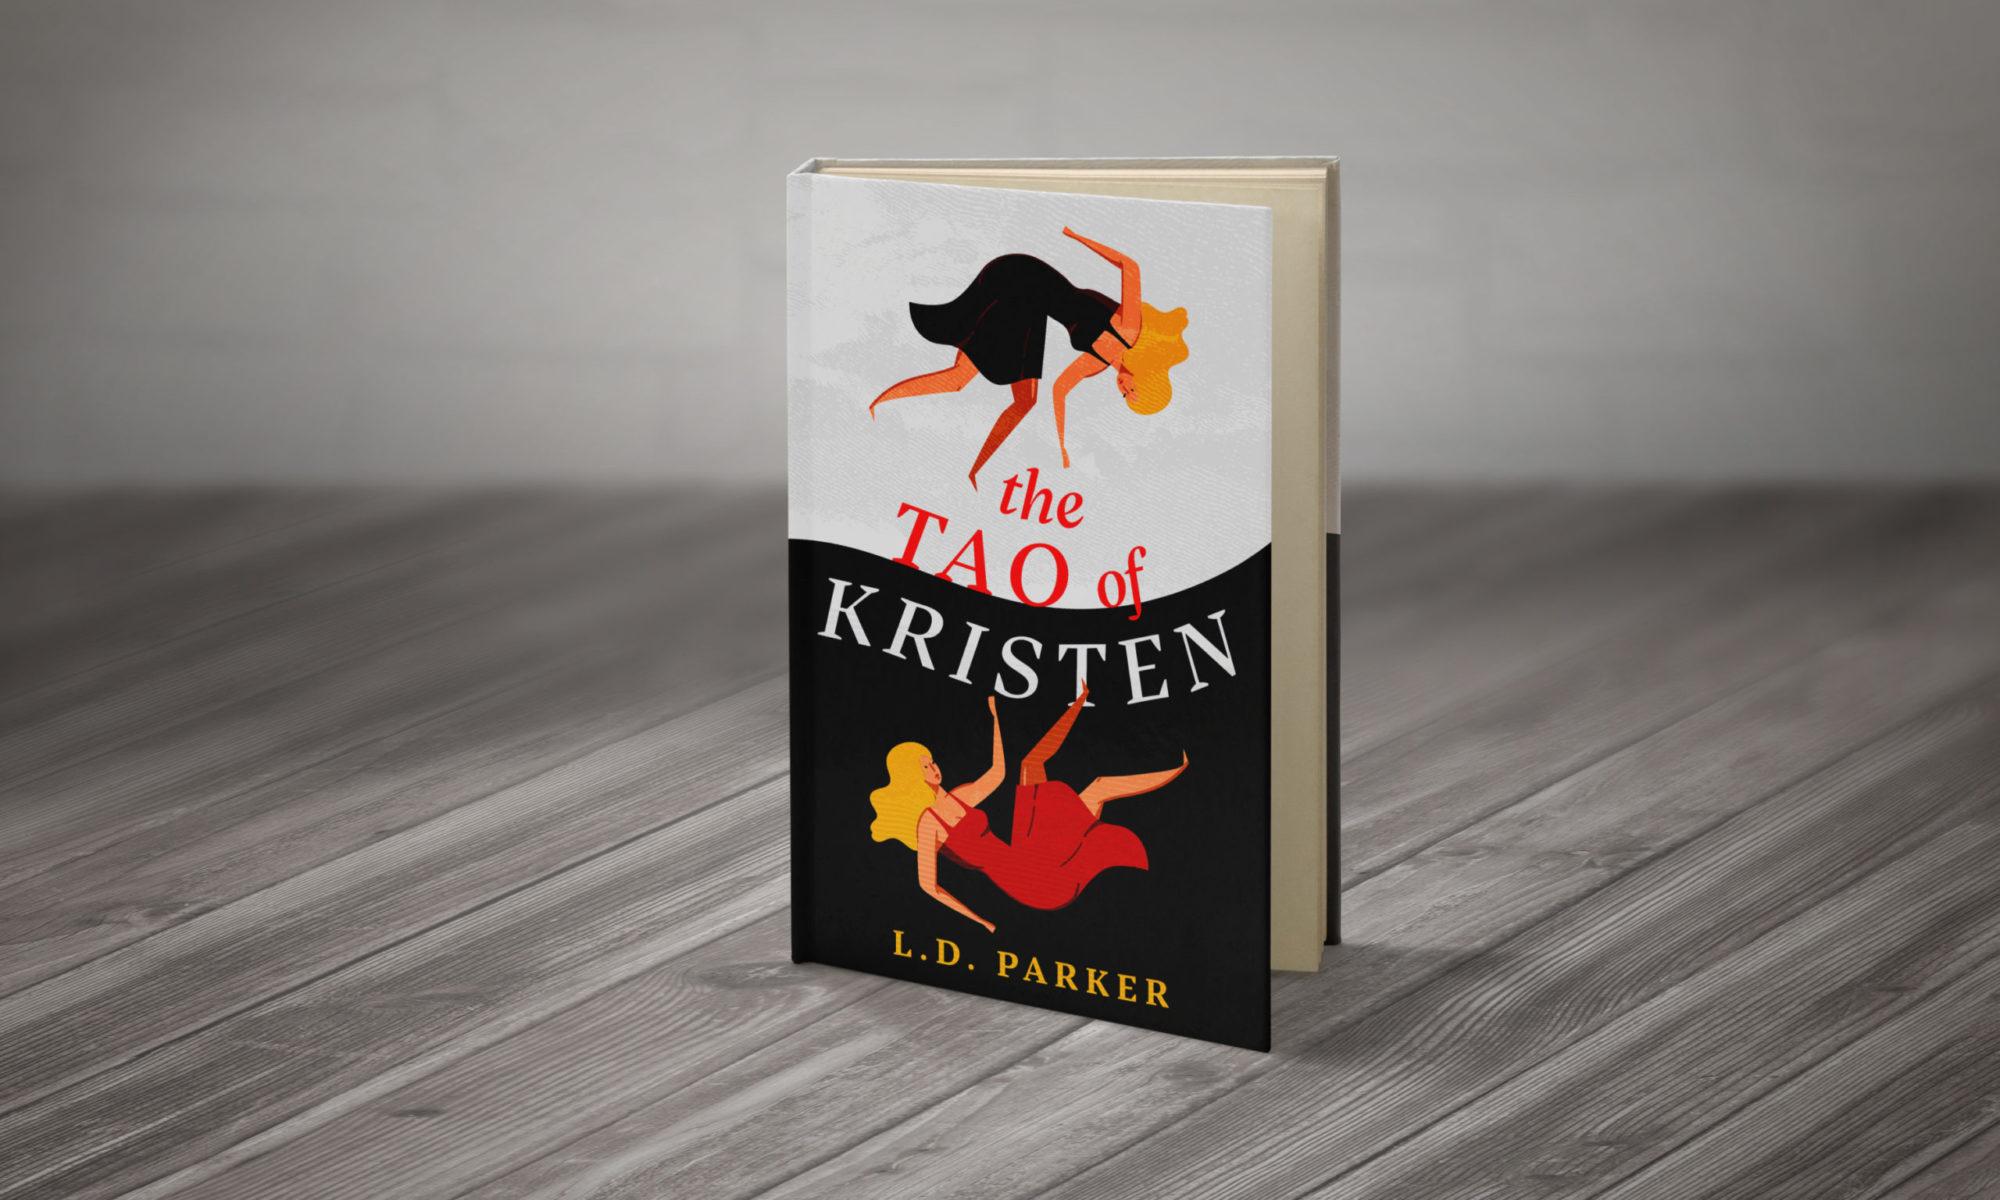 The Tao of Kristen (A Novel by L.D. Parker)